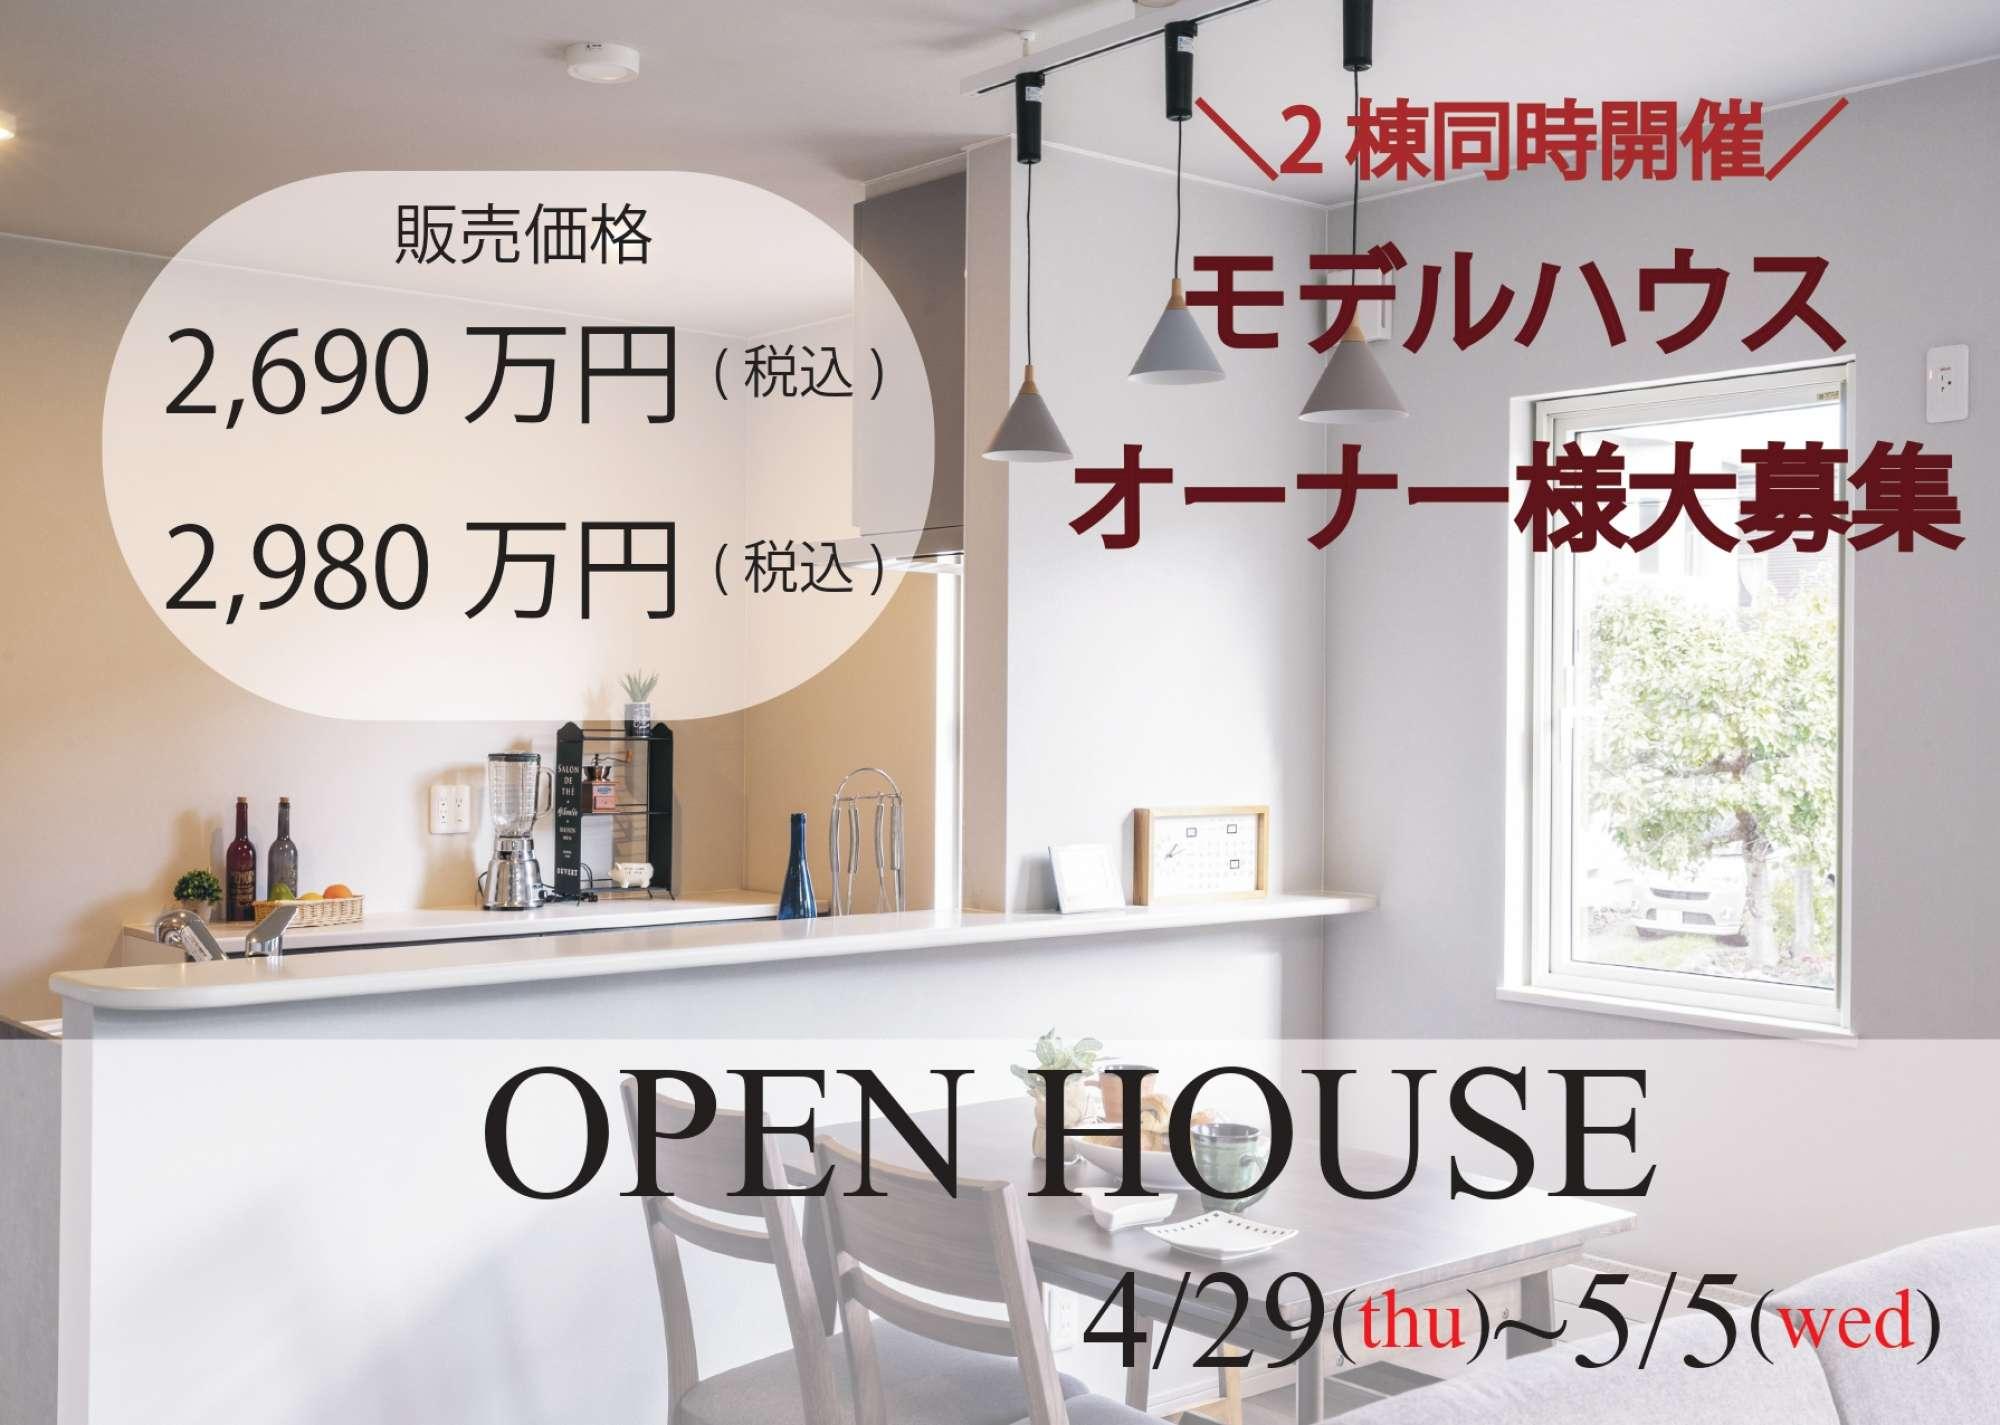 4/29(木祝)~5/5(水)モデルハウス見学会同時開催in南区南沢&藤野 -